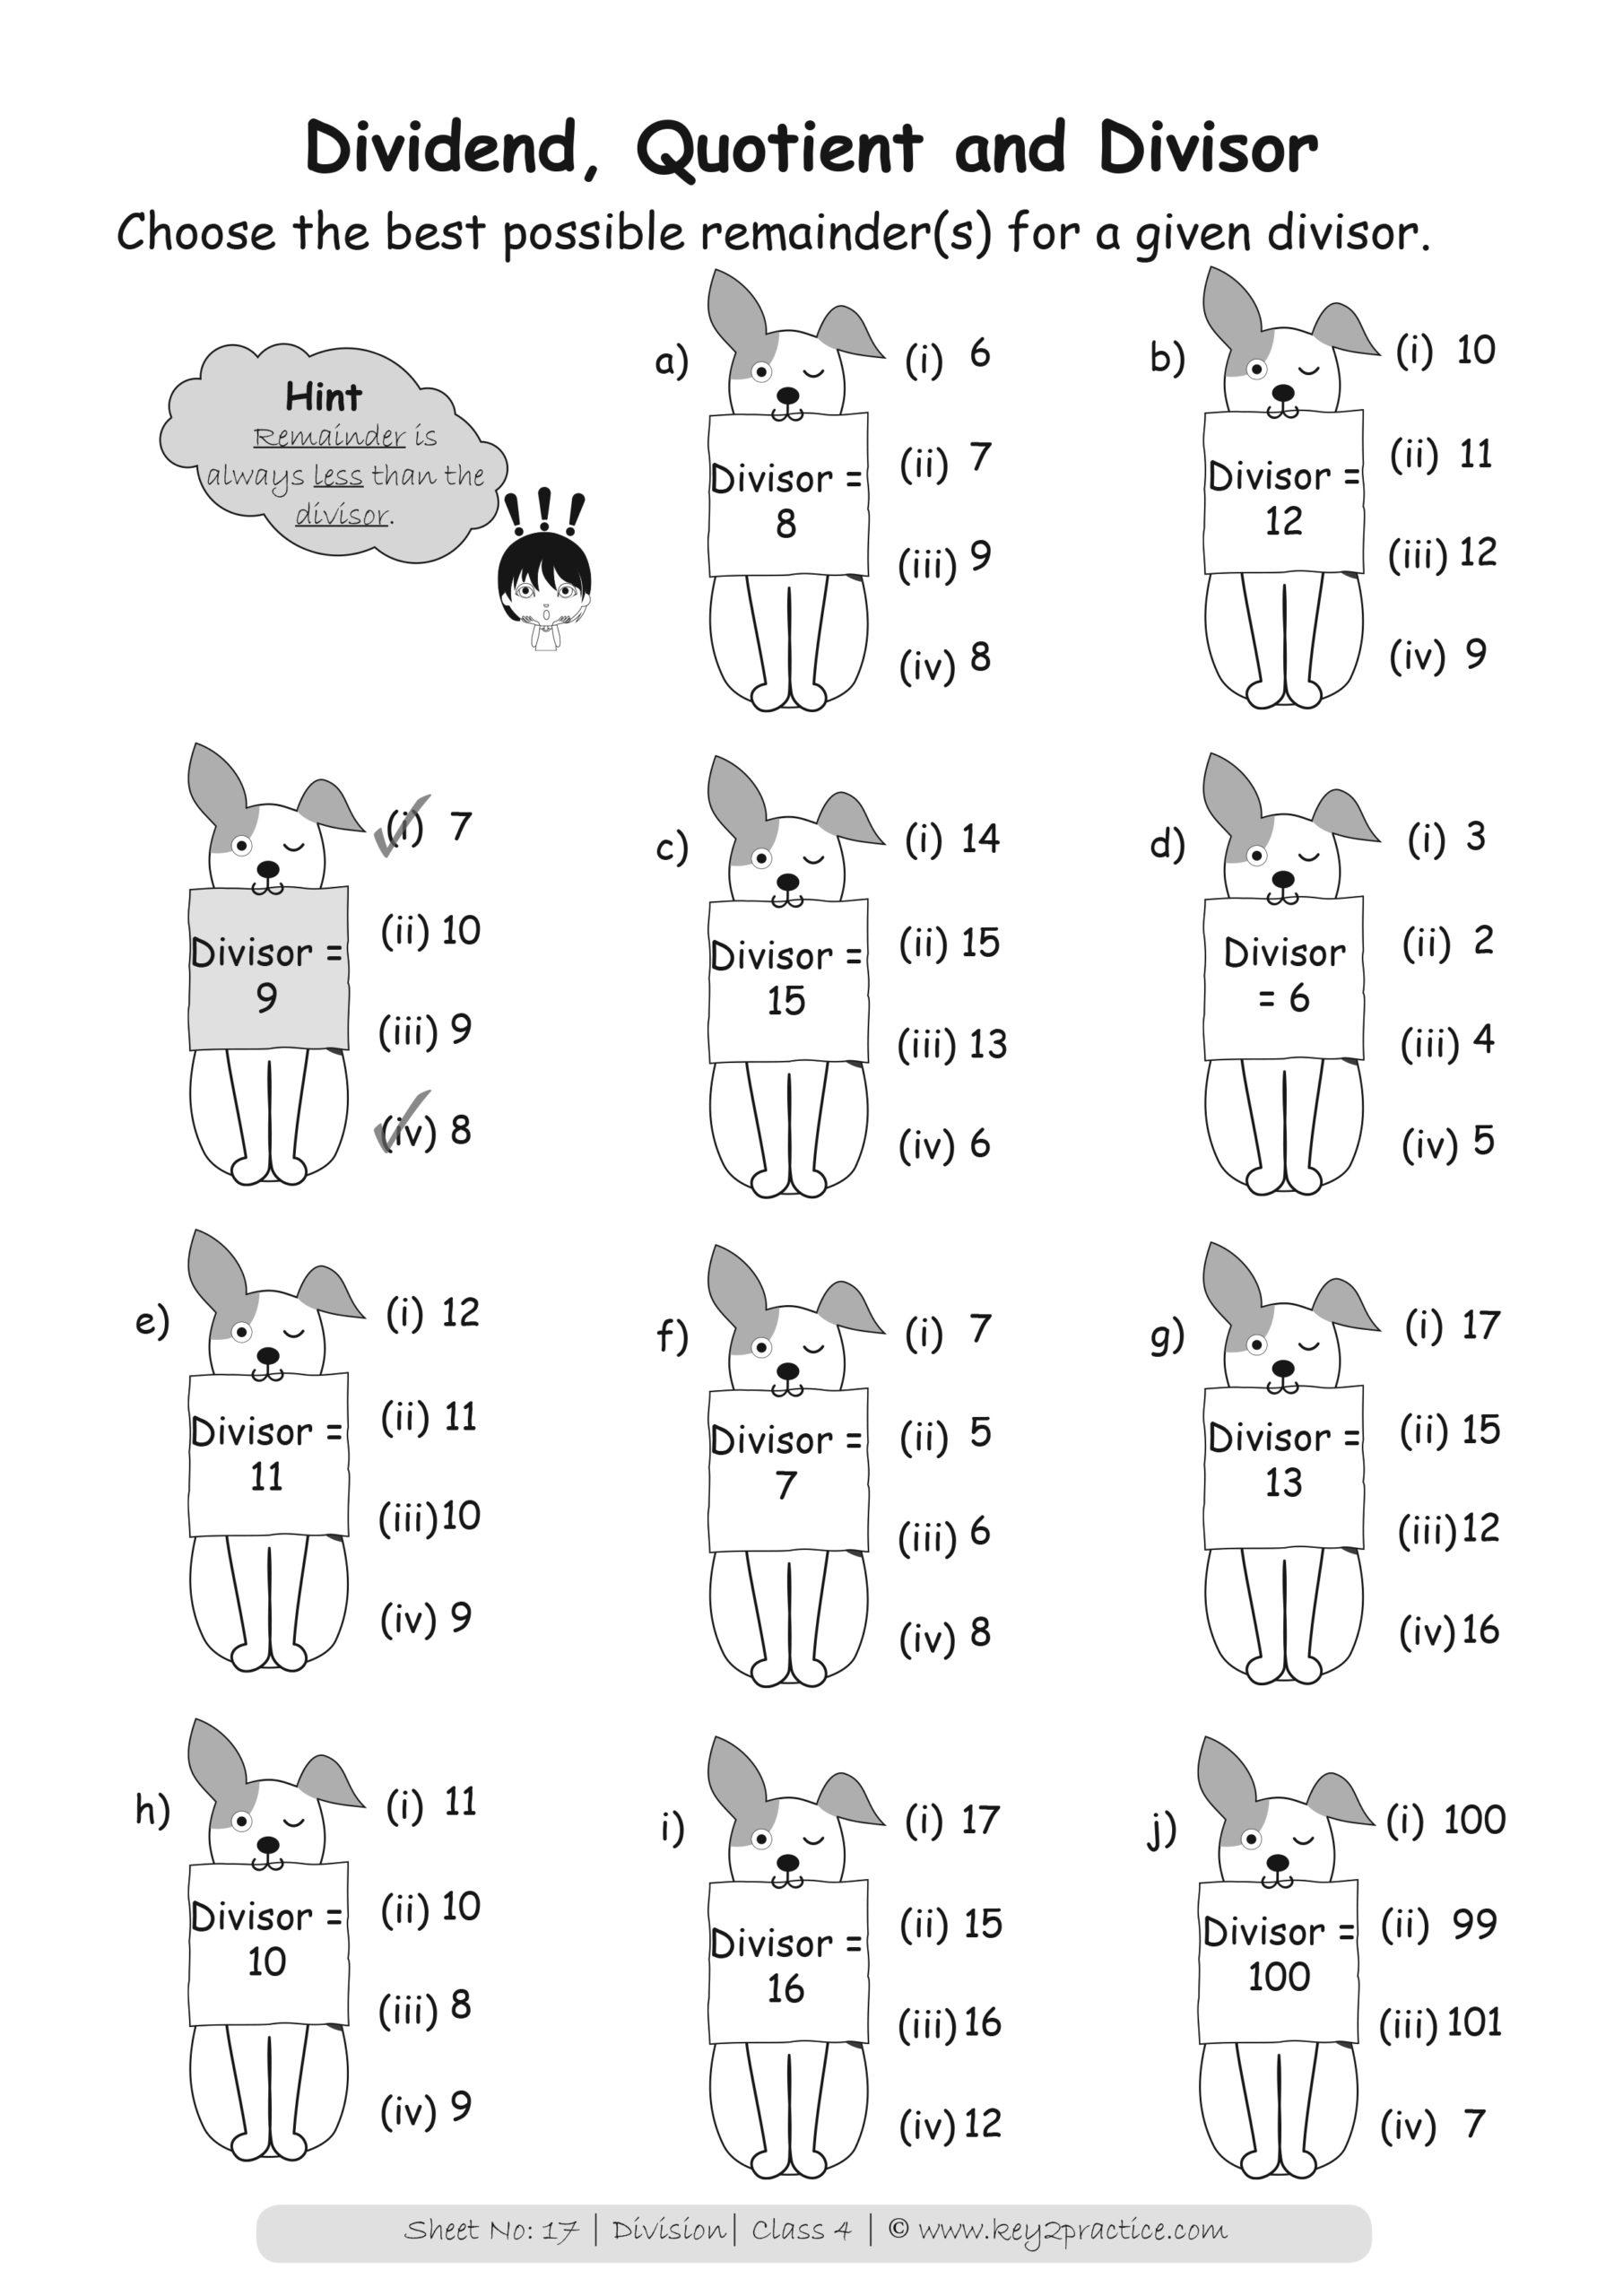 Grade 4 Division Worksheets I Maths   key2practice Workbooks